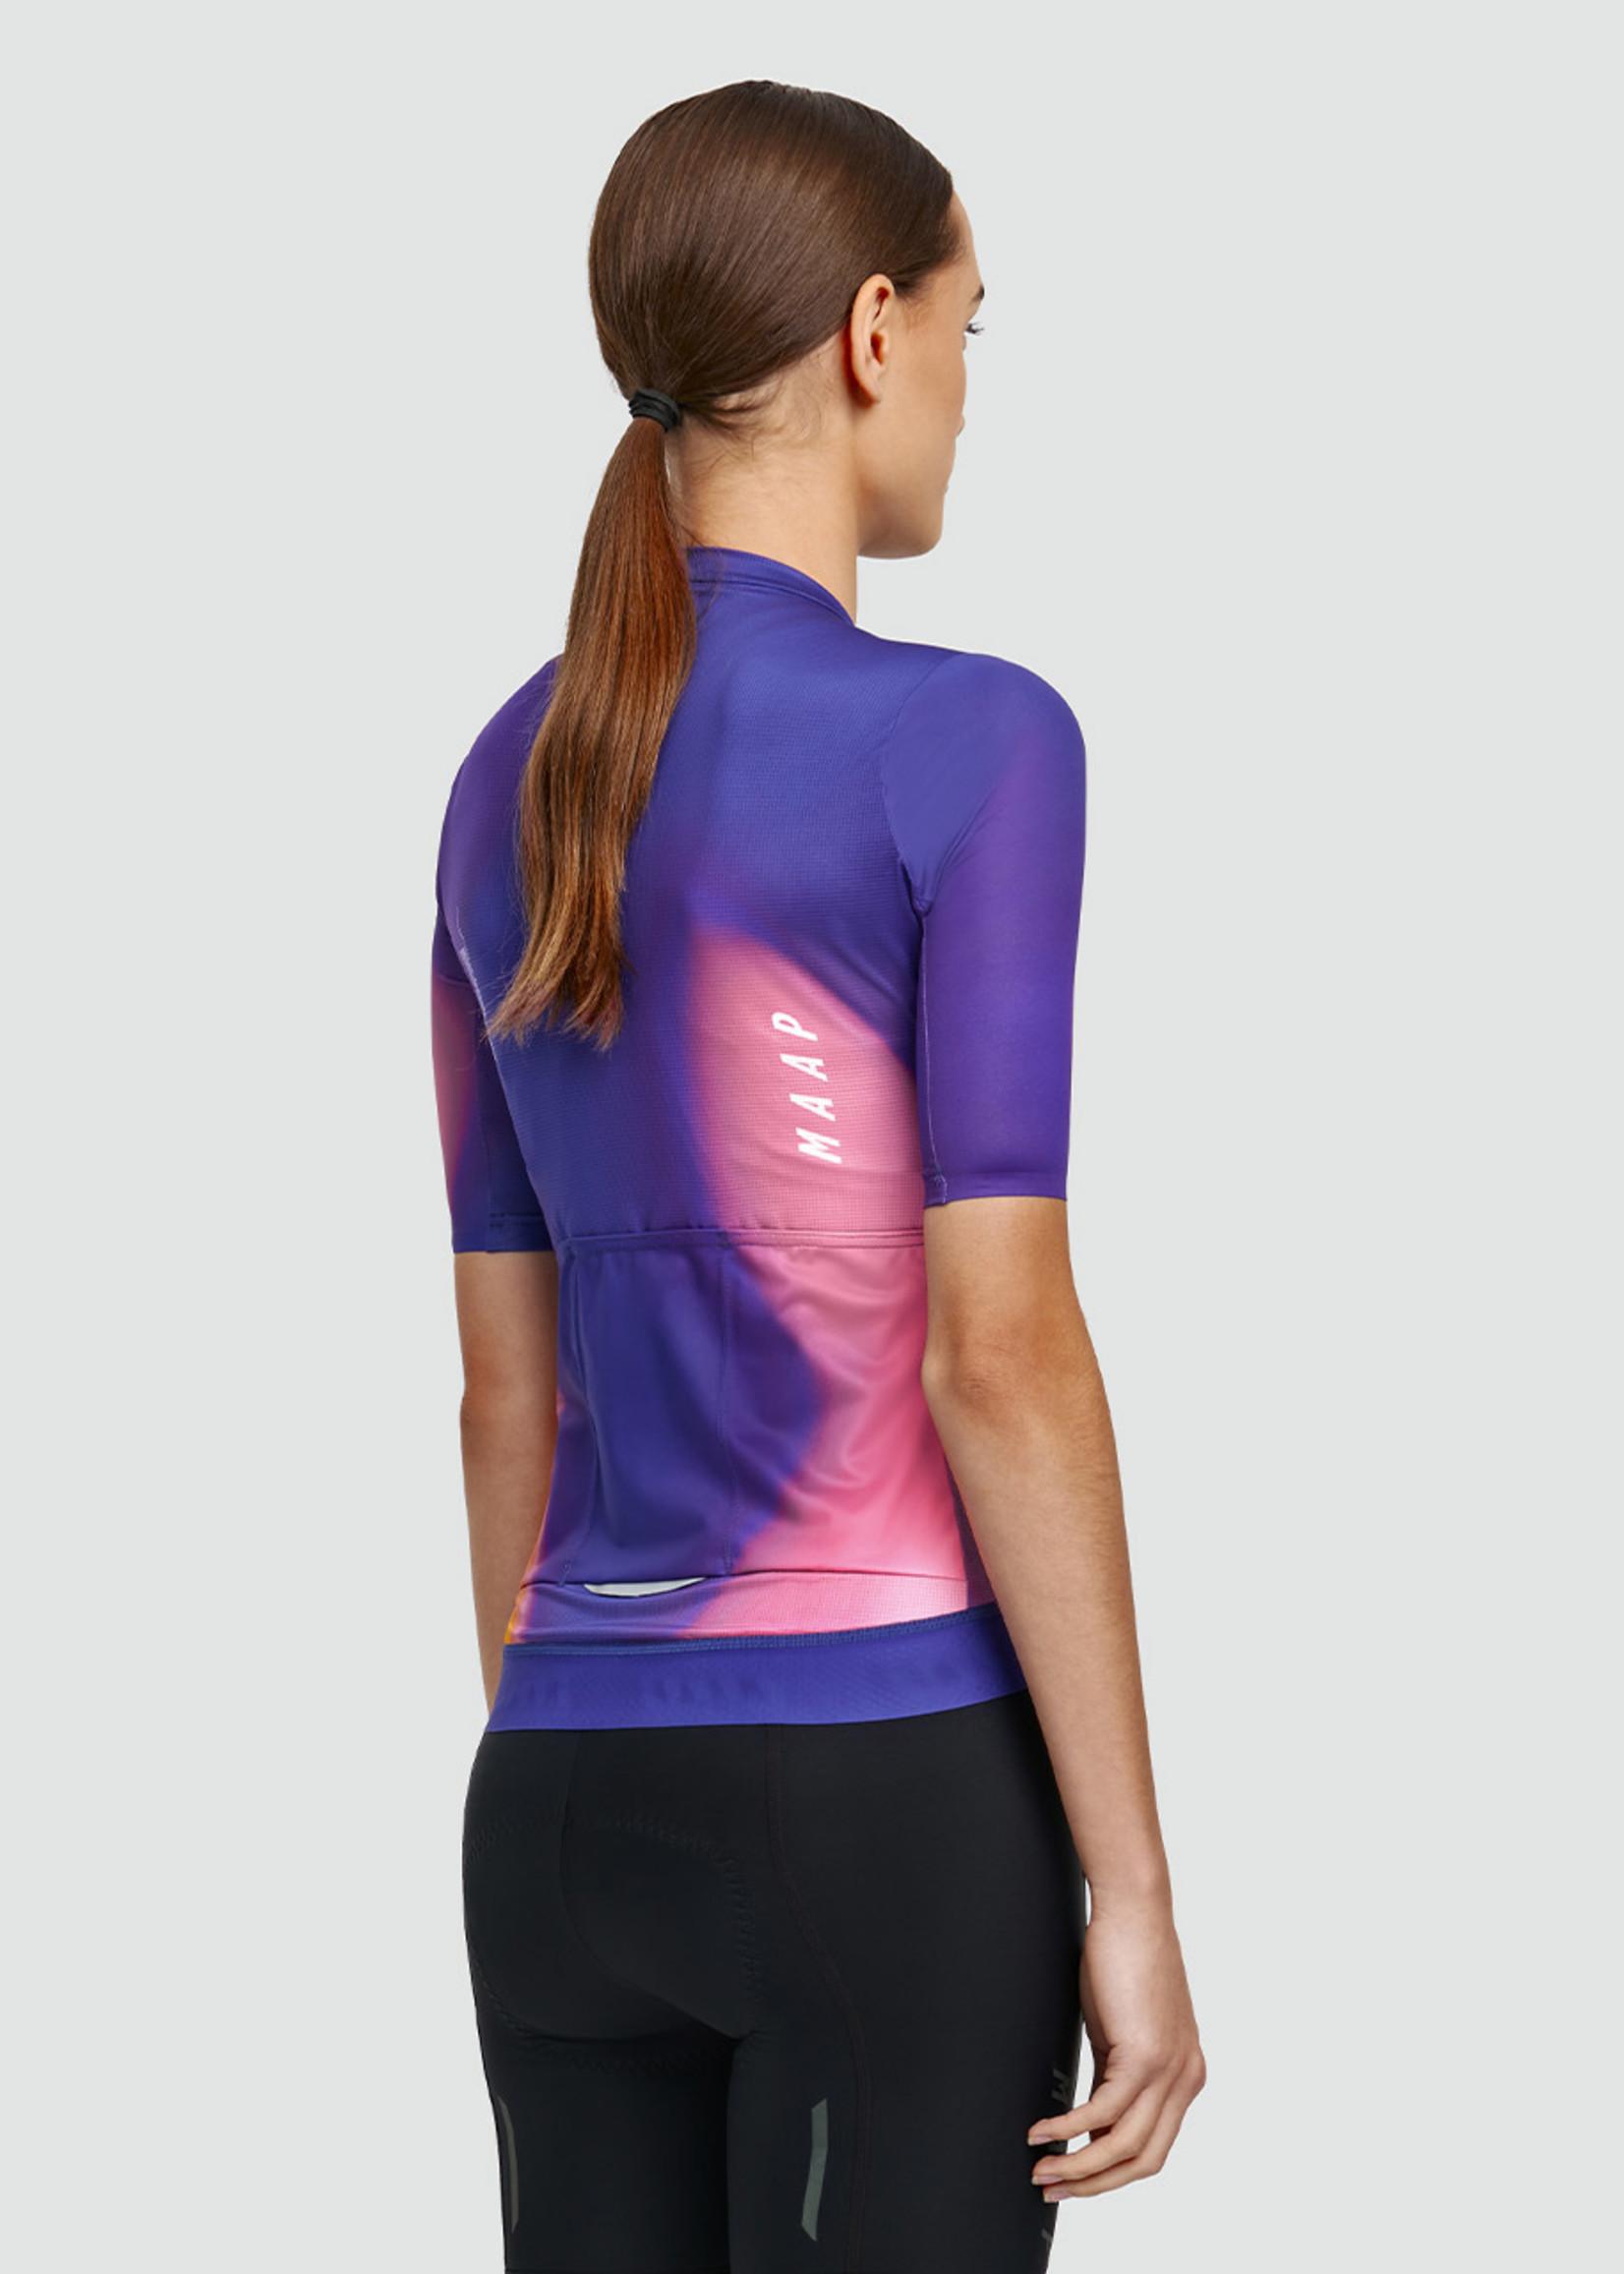 Maap Women's Flow Pro - Light Coral